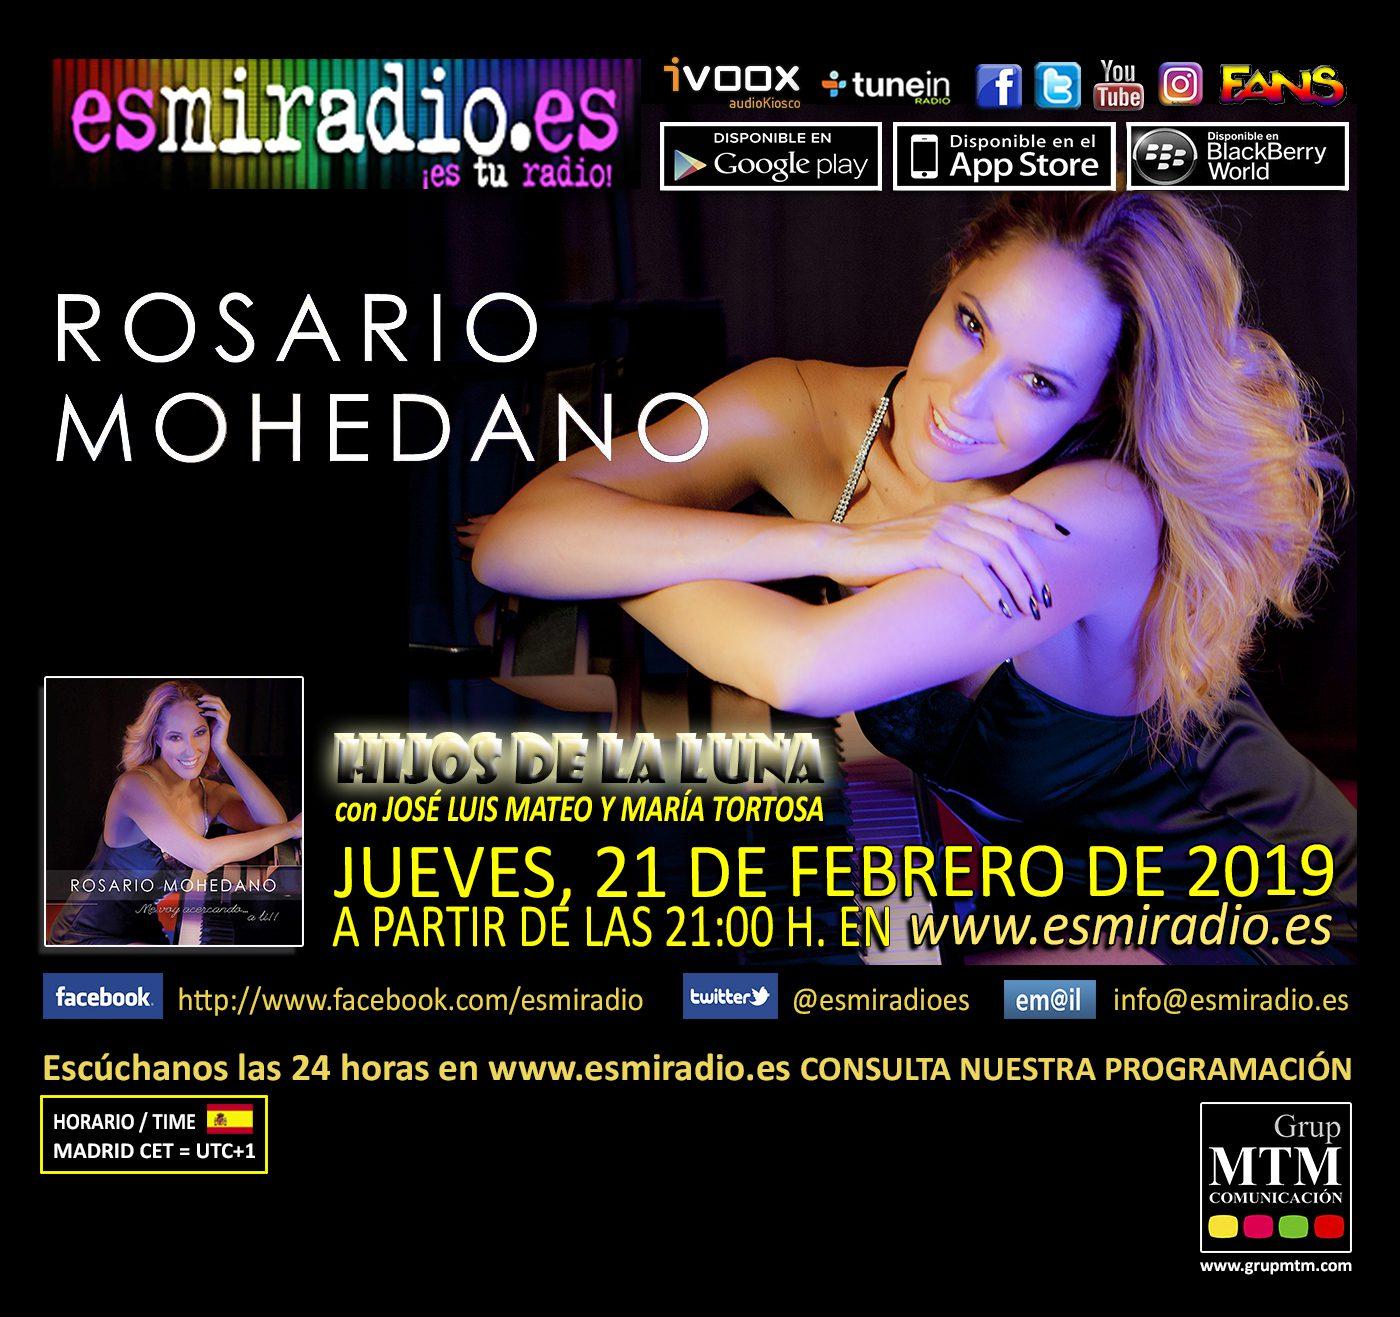 Rosario Mohedano en esmiradio.es el Jueves, 21 de Febrero de 2019